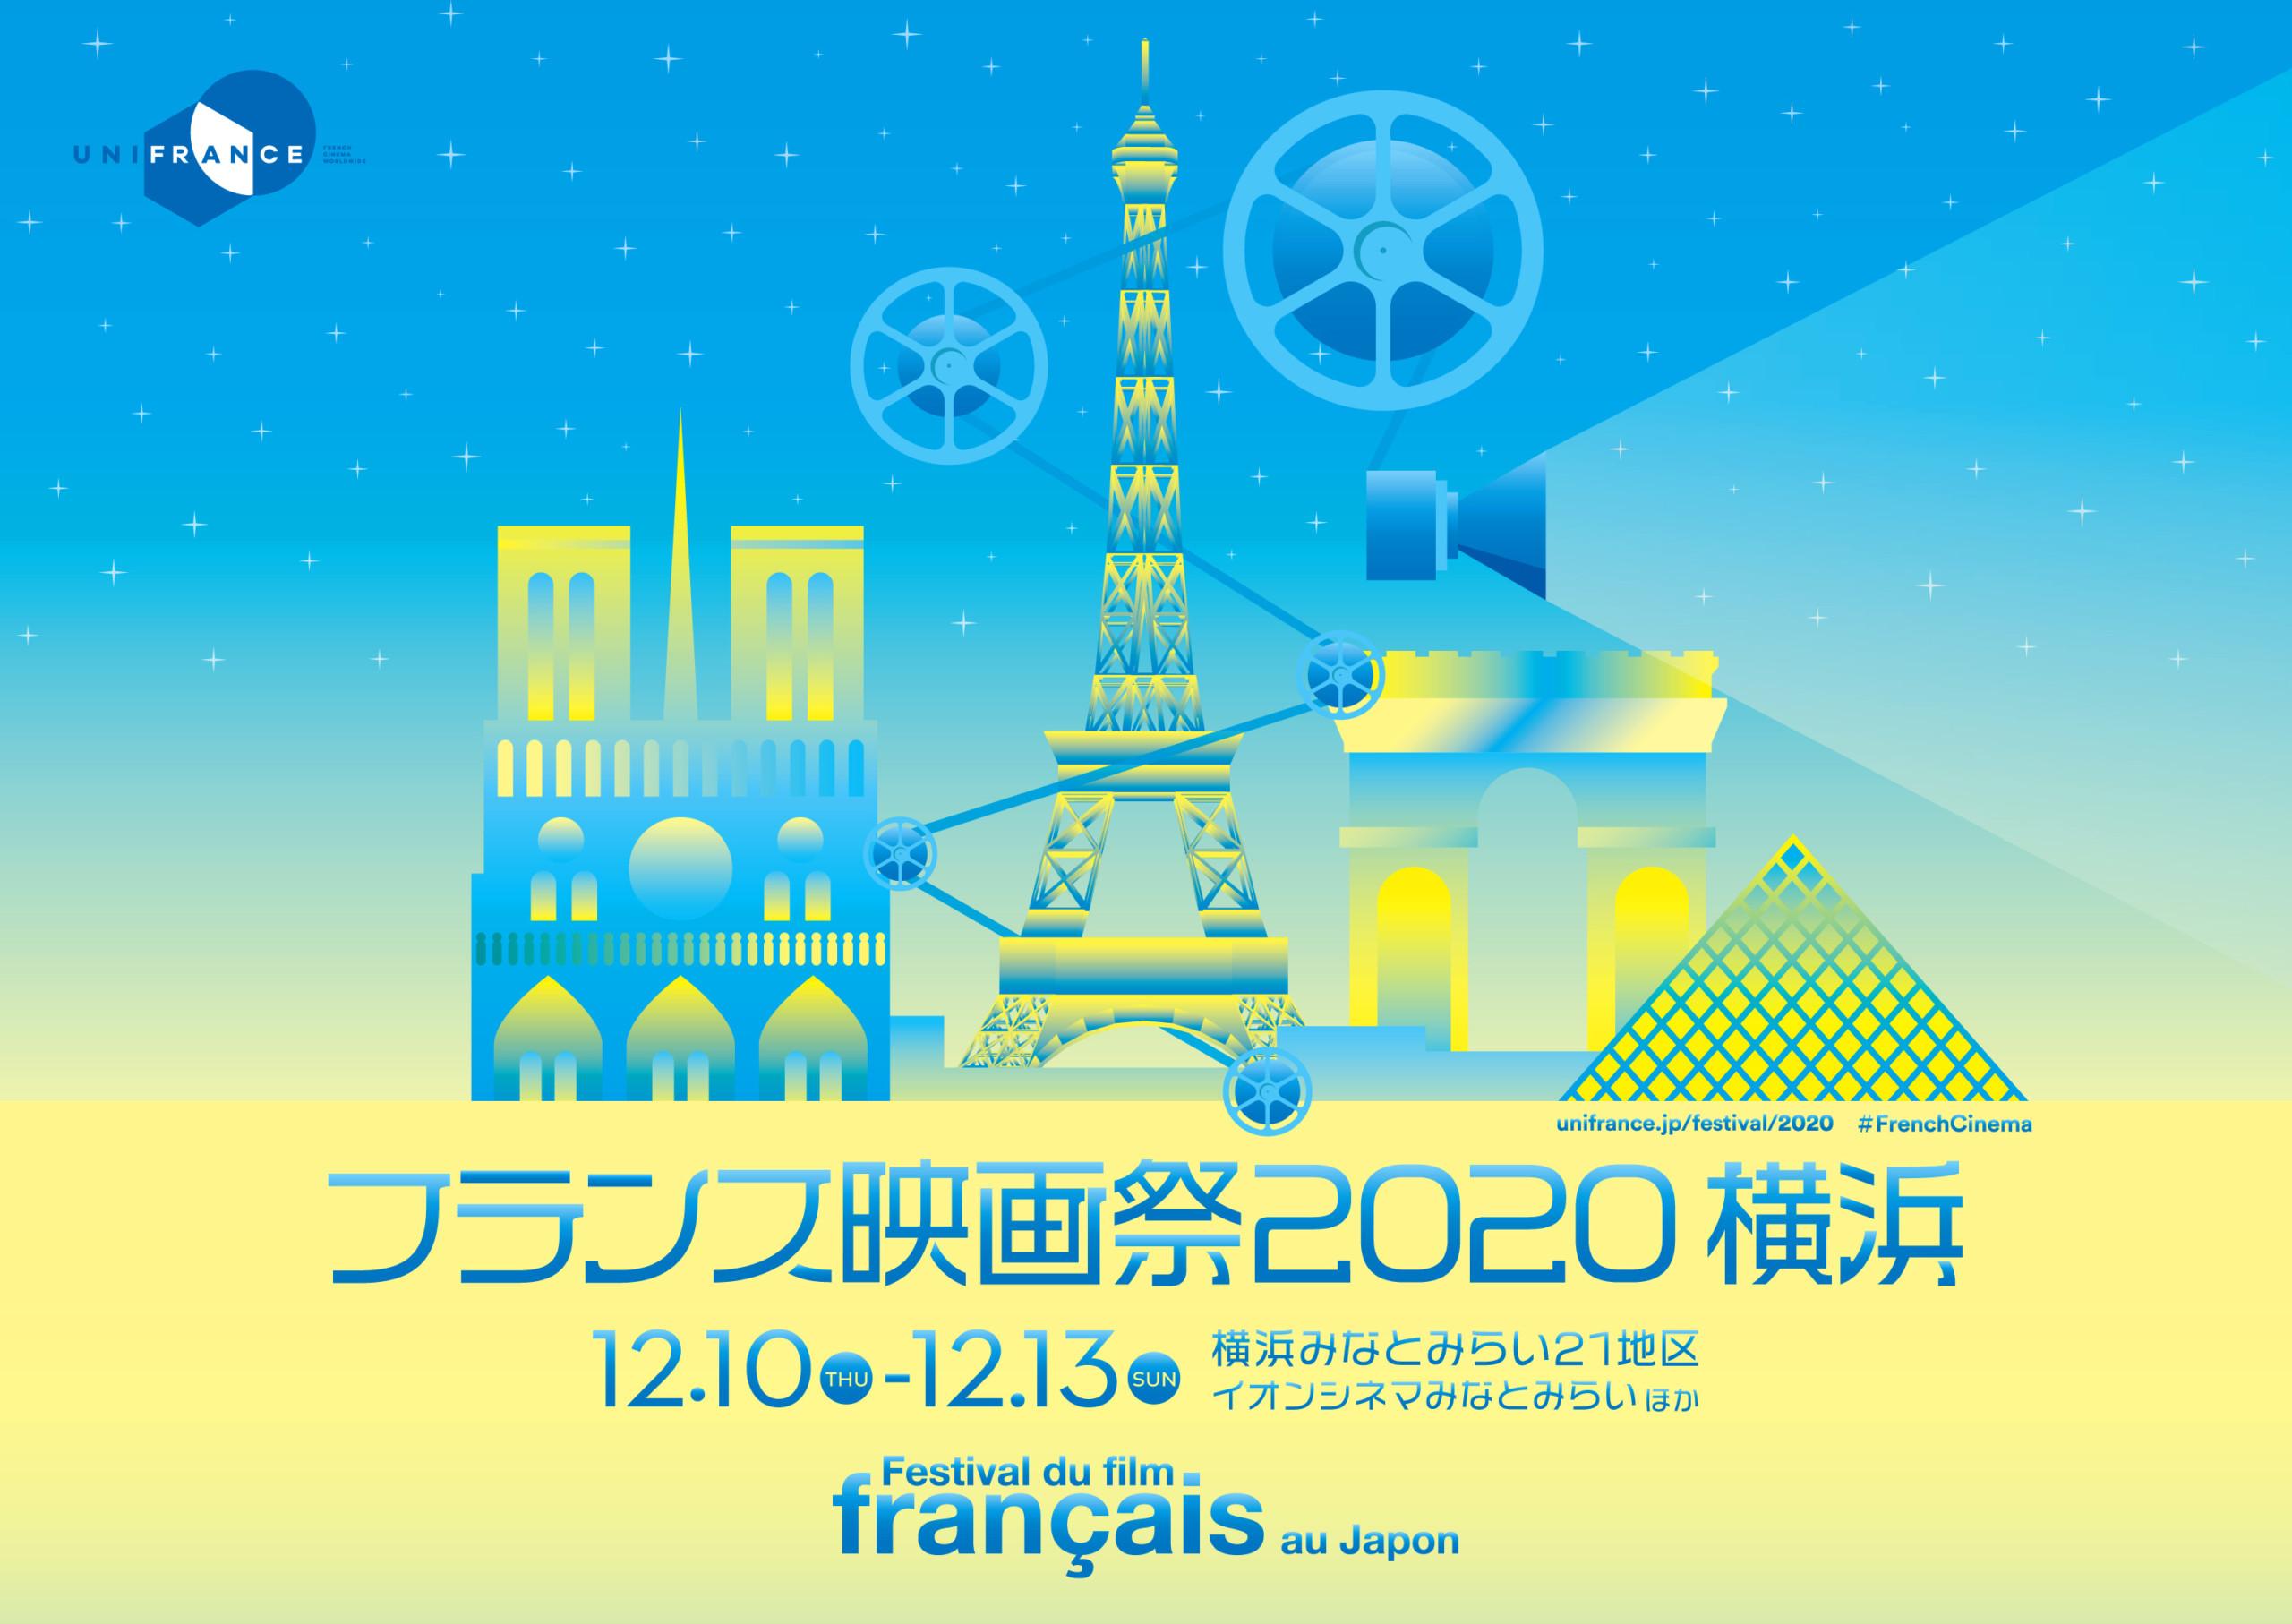 フランス国際映画祭